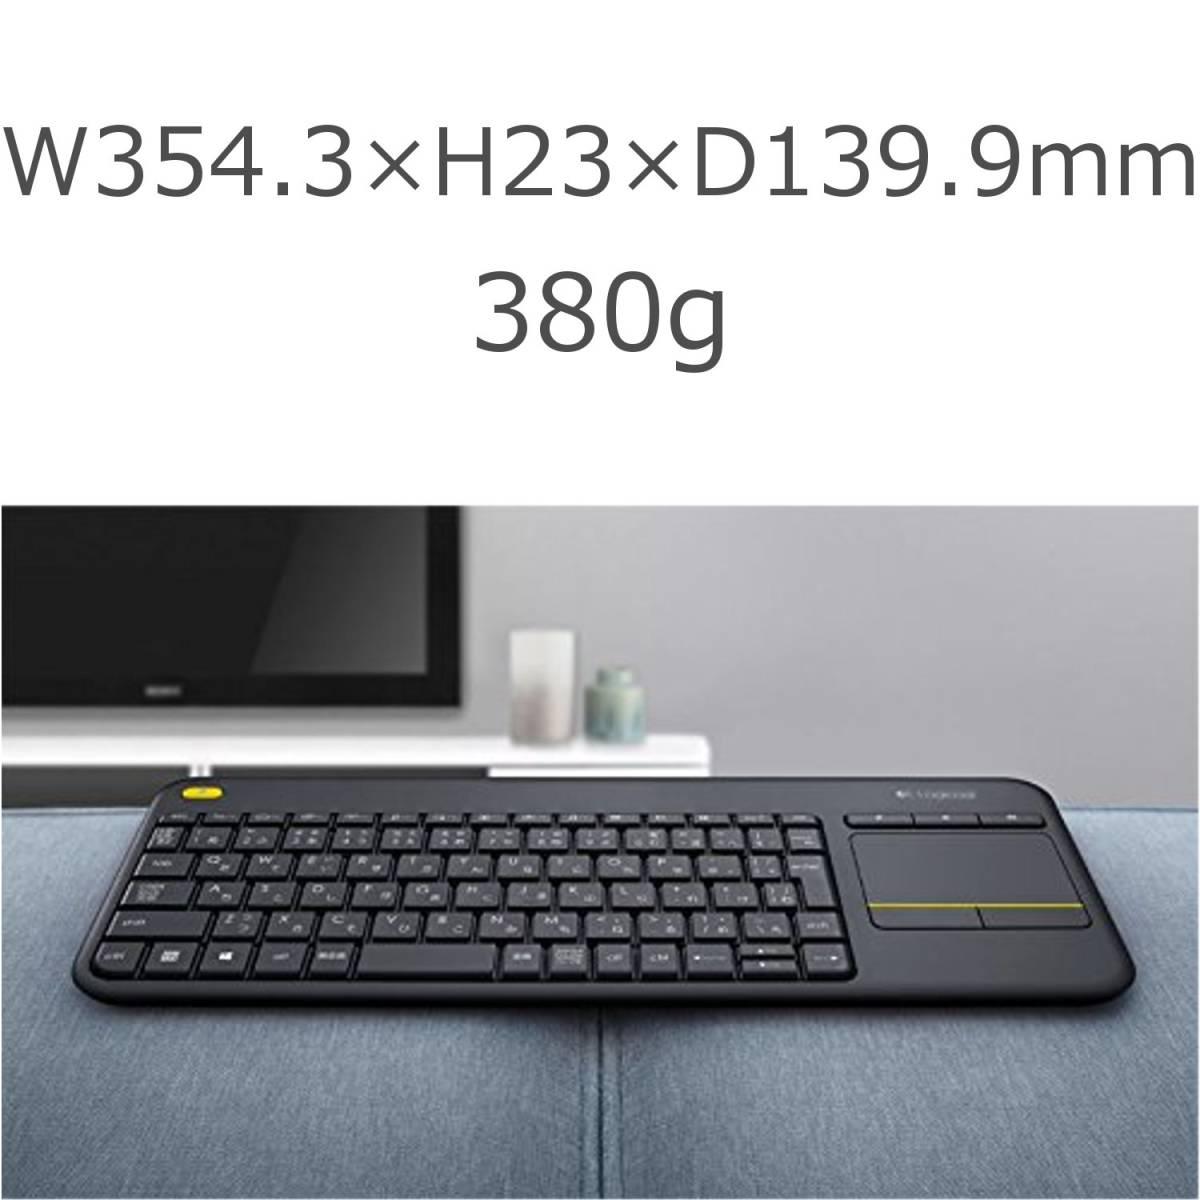 ●Logicool ロジクール ワイヤレス タッチキーボード K400 PLUS タッチパッド付 パソコンを接続したテレビ用のHTPCキーボード●_画像10